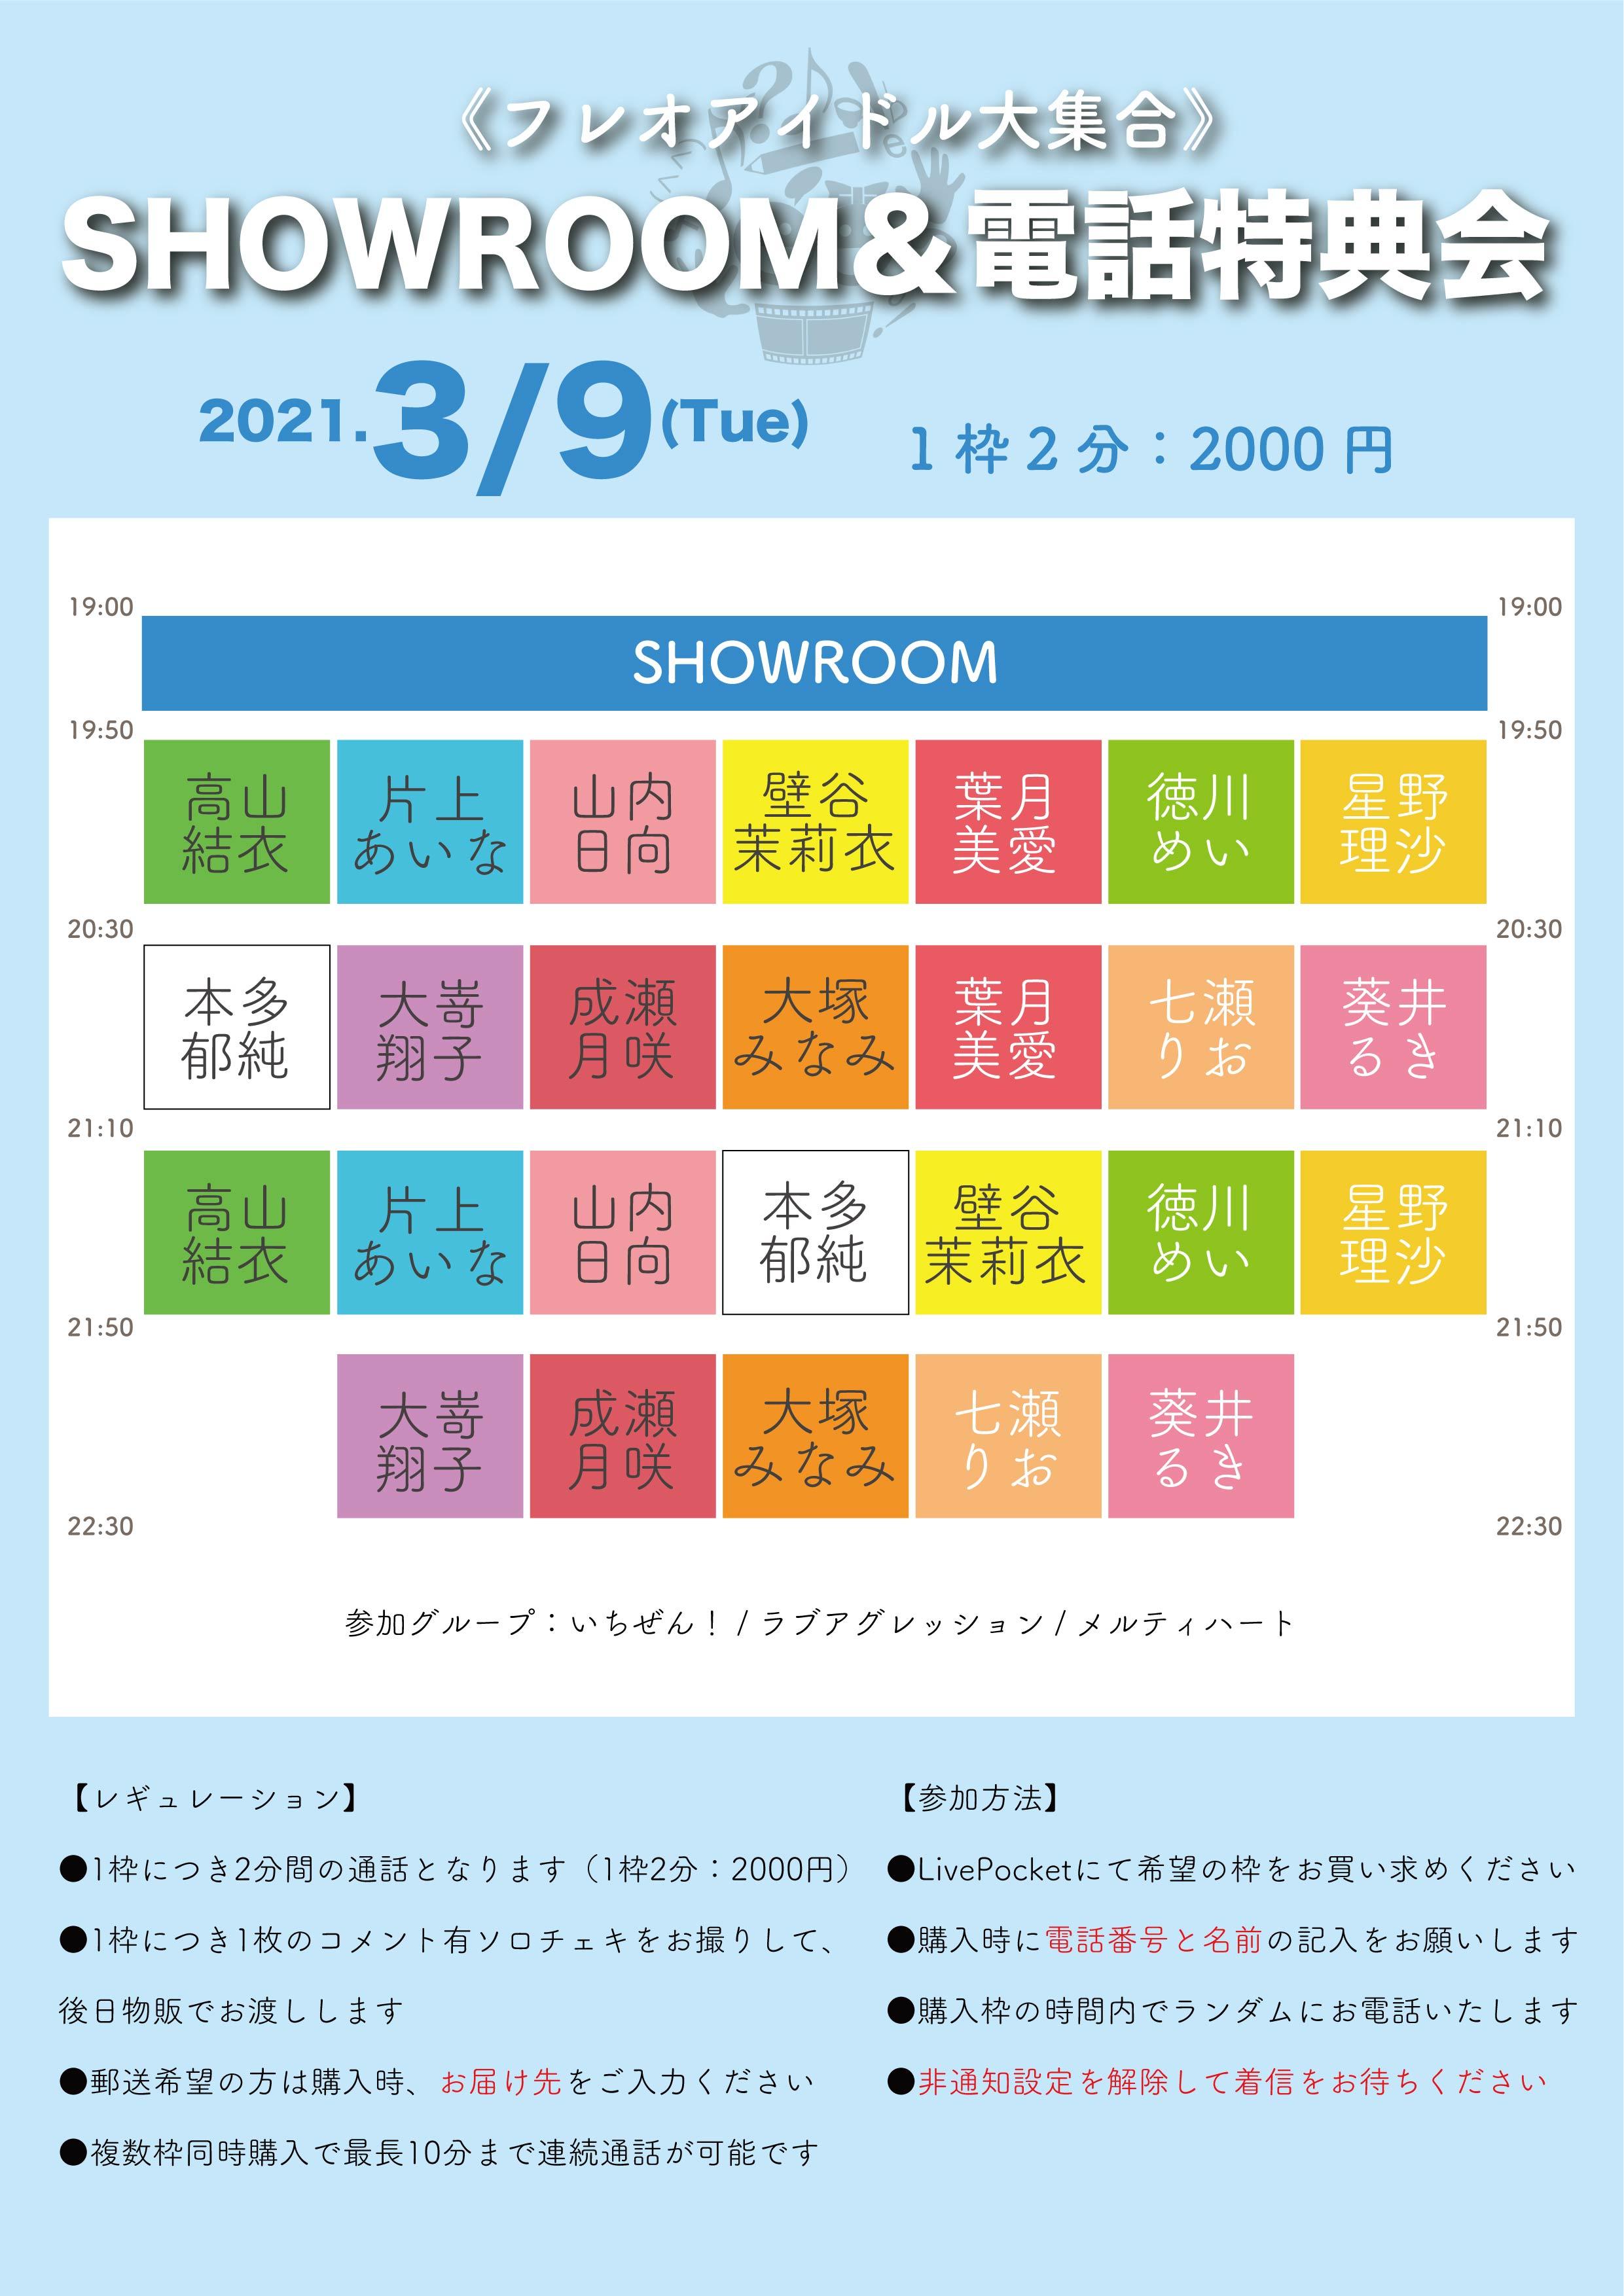 《フレオアイドル大集合》SHOWROOM&電話特典会